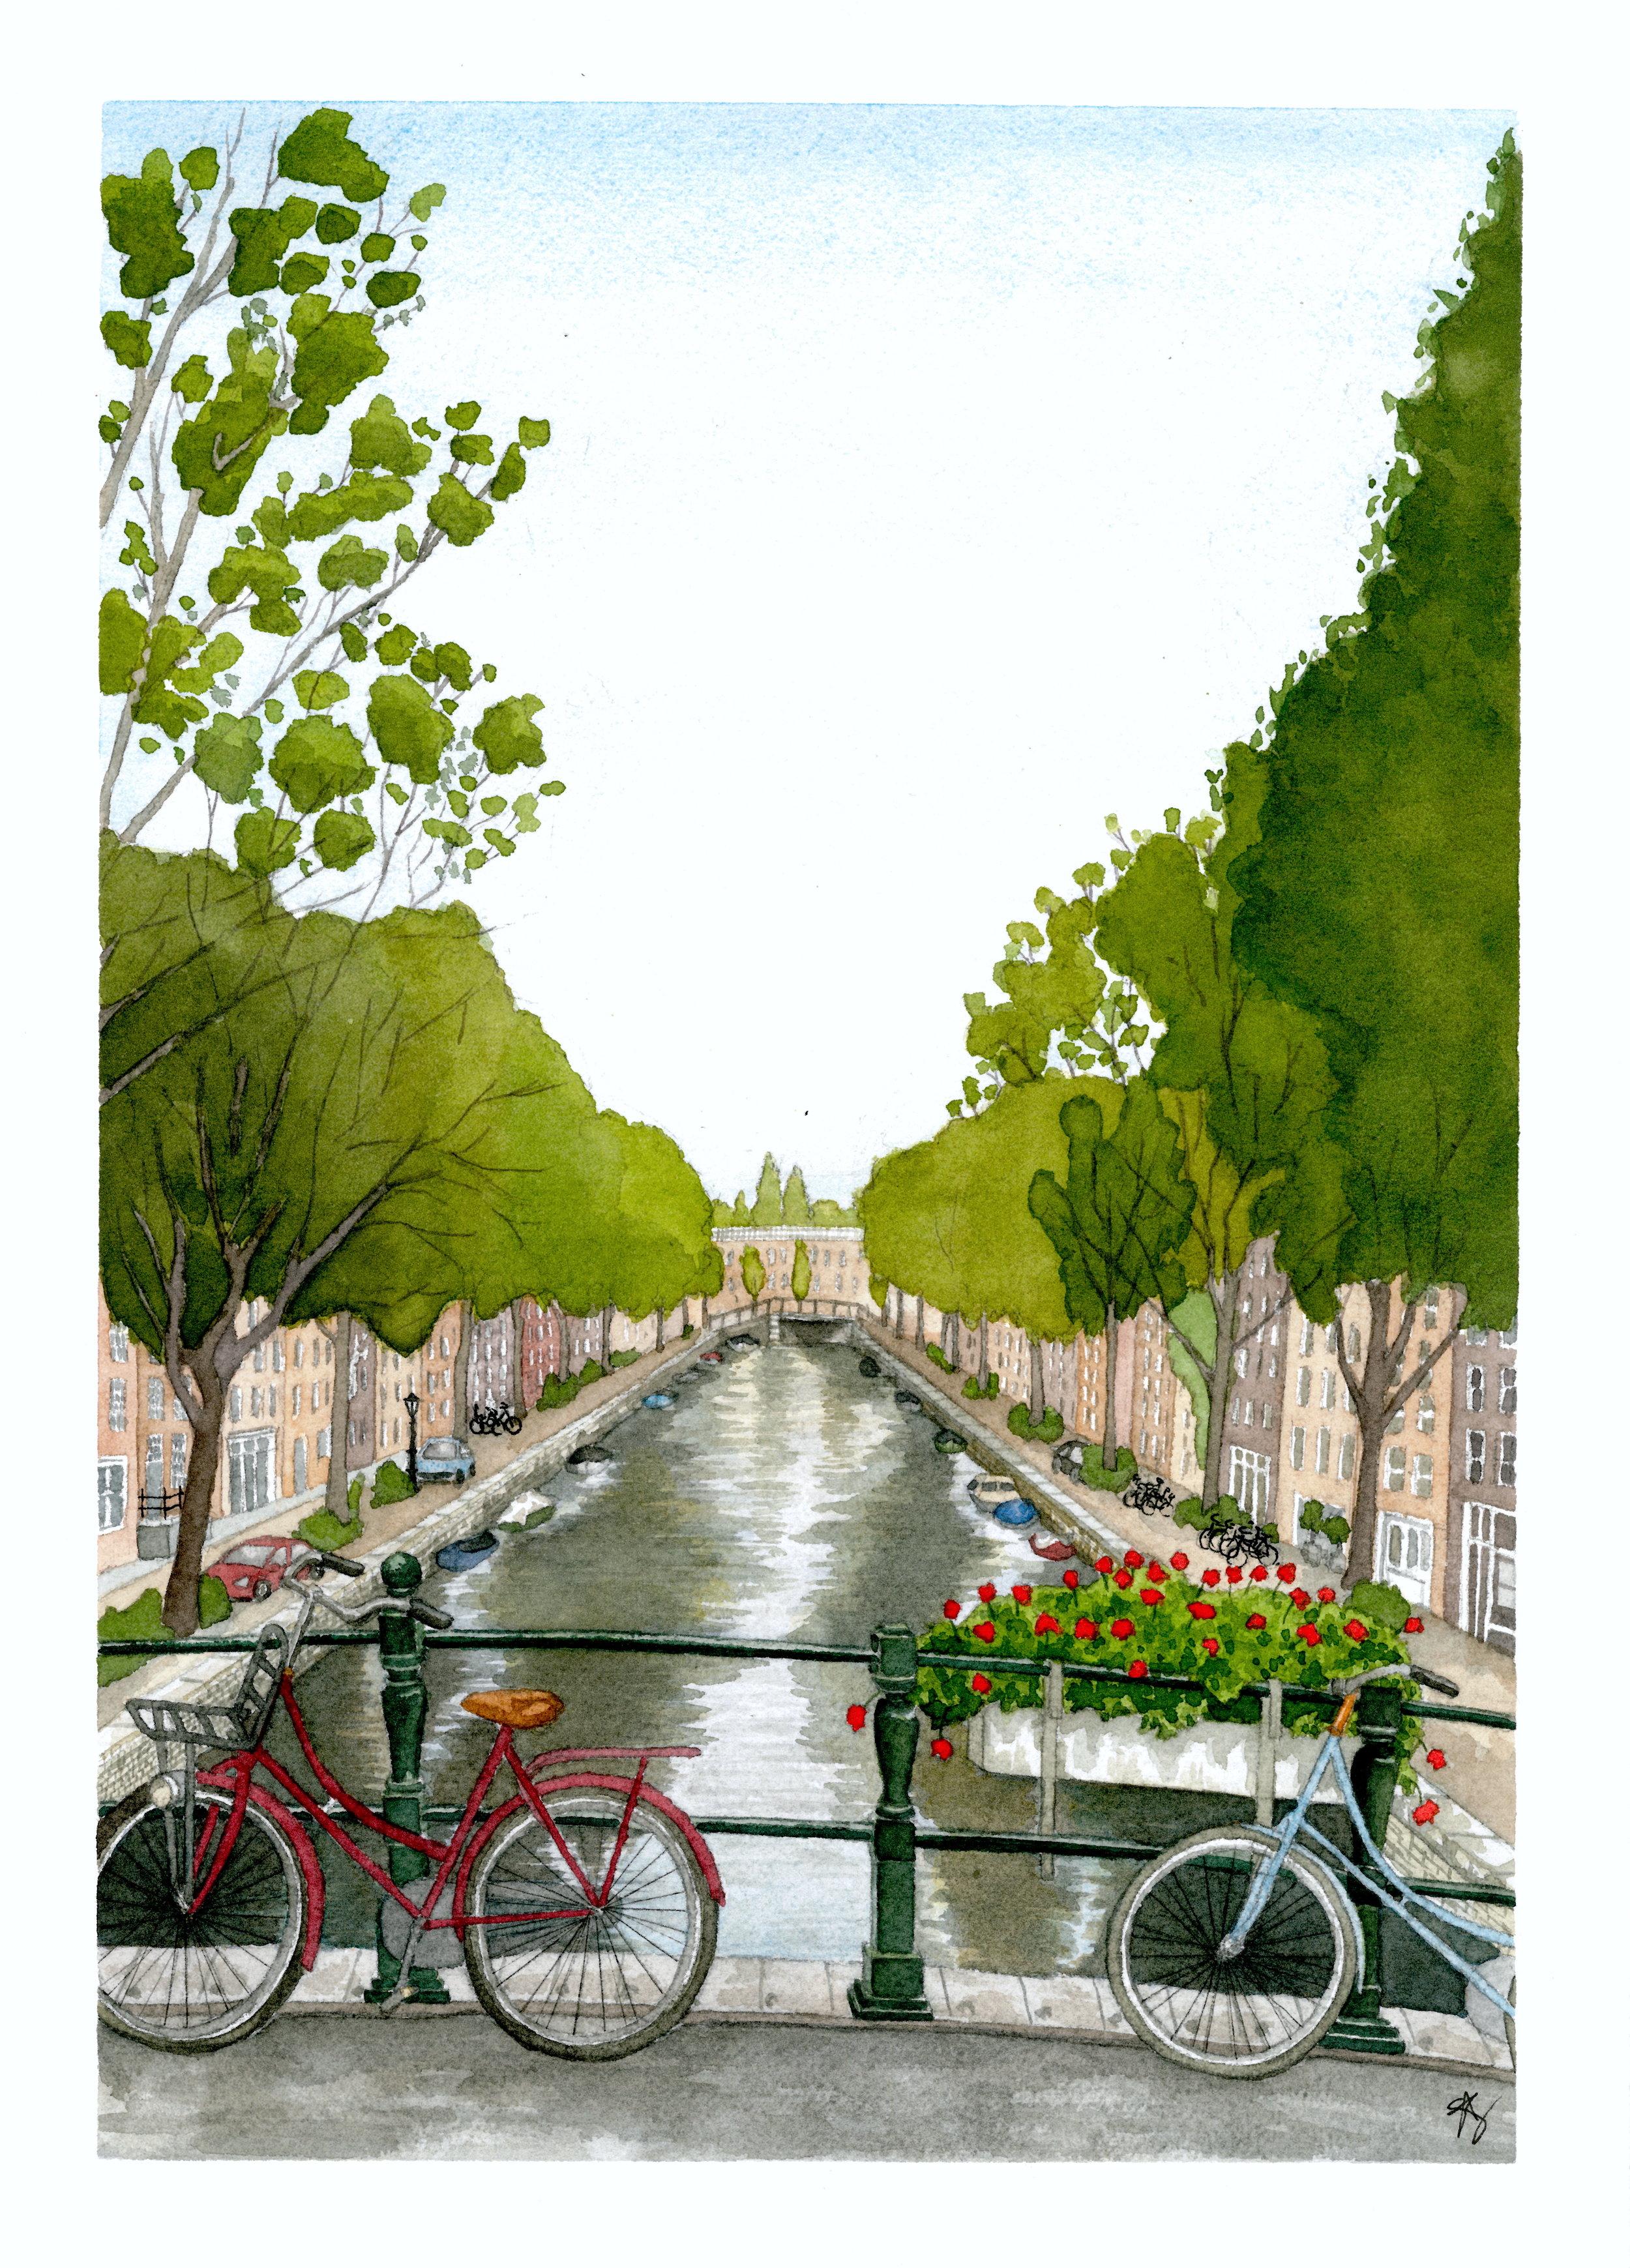 canaljordaan_v2_600dpi.jpg